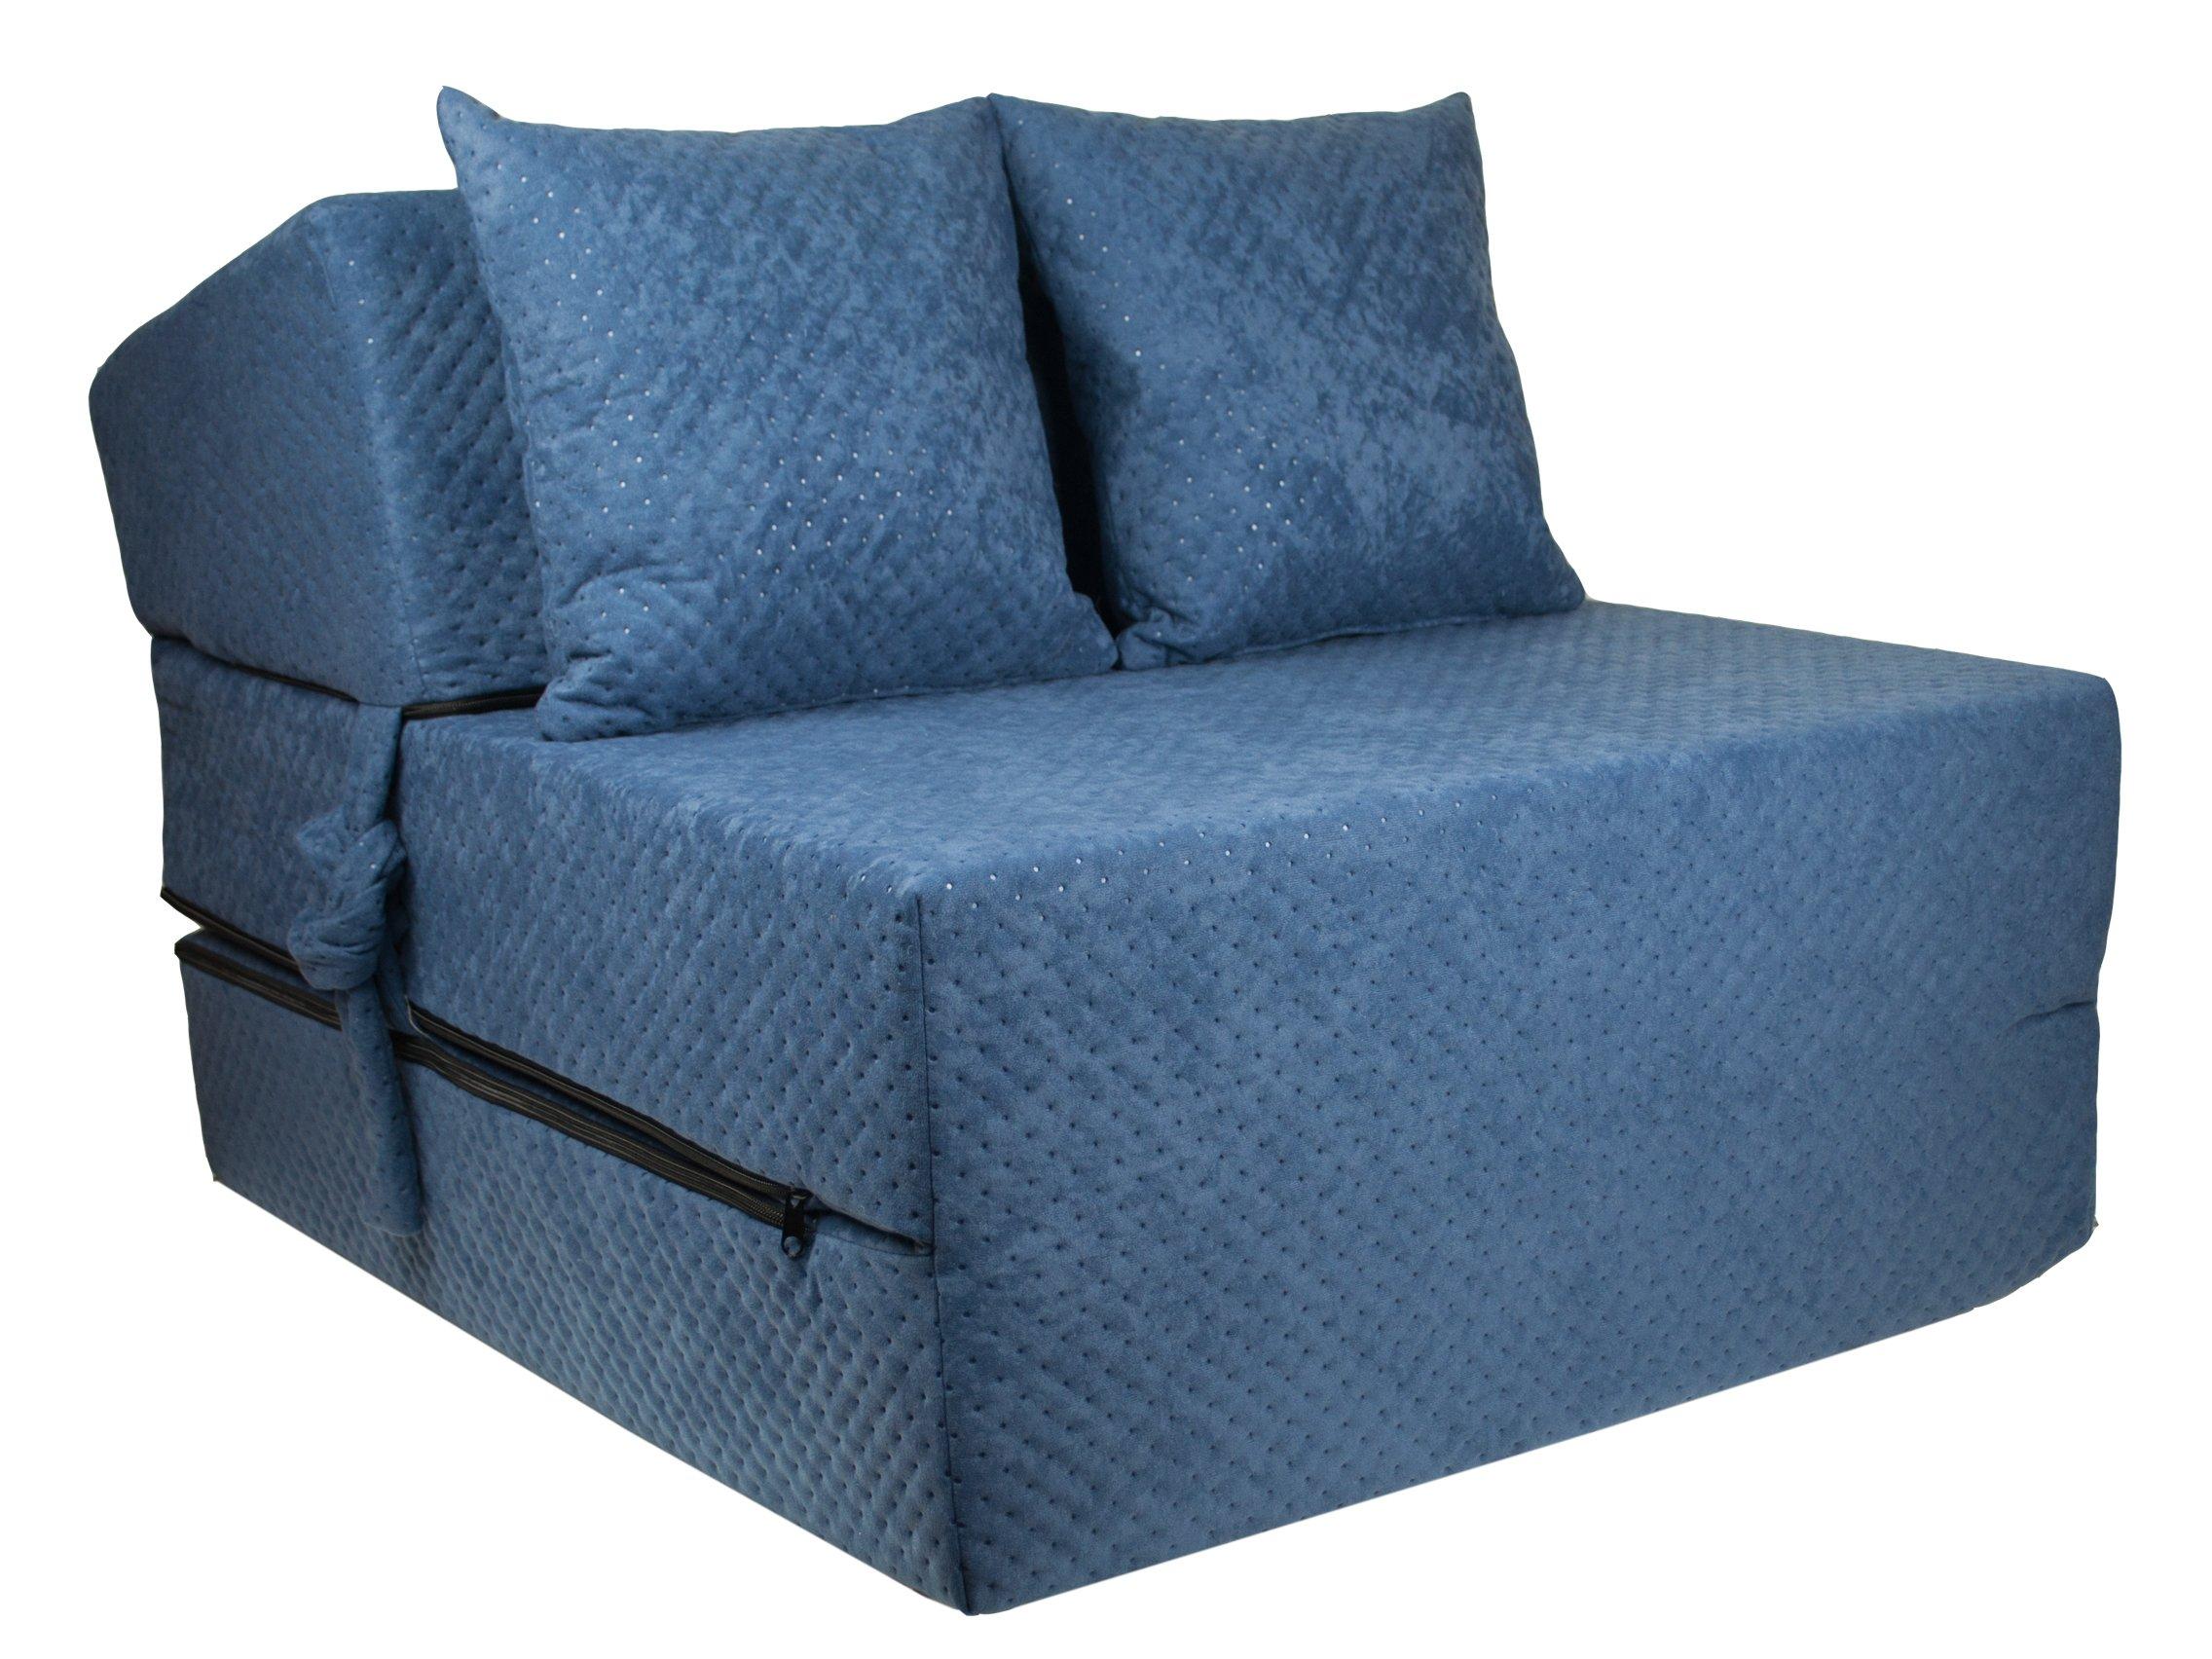 FIMEX Rozkládací křeslo SUPER Comfort pro hosty 70x200x15 Tmavě modrá